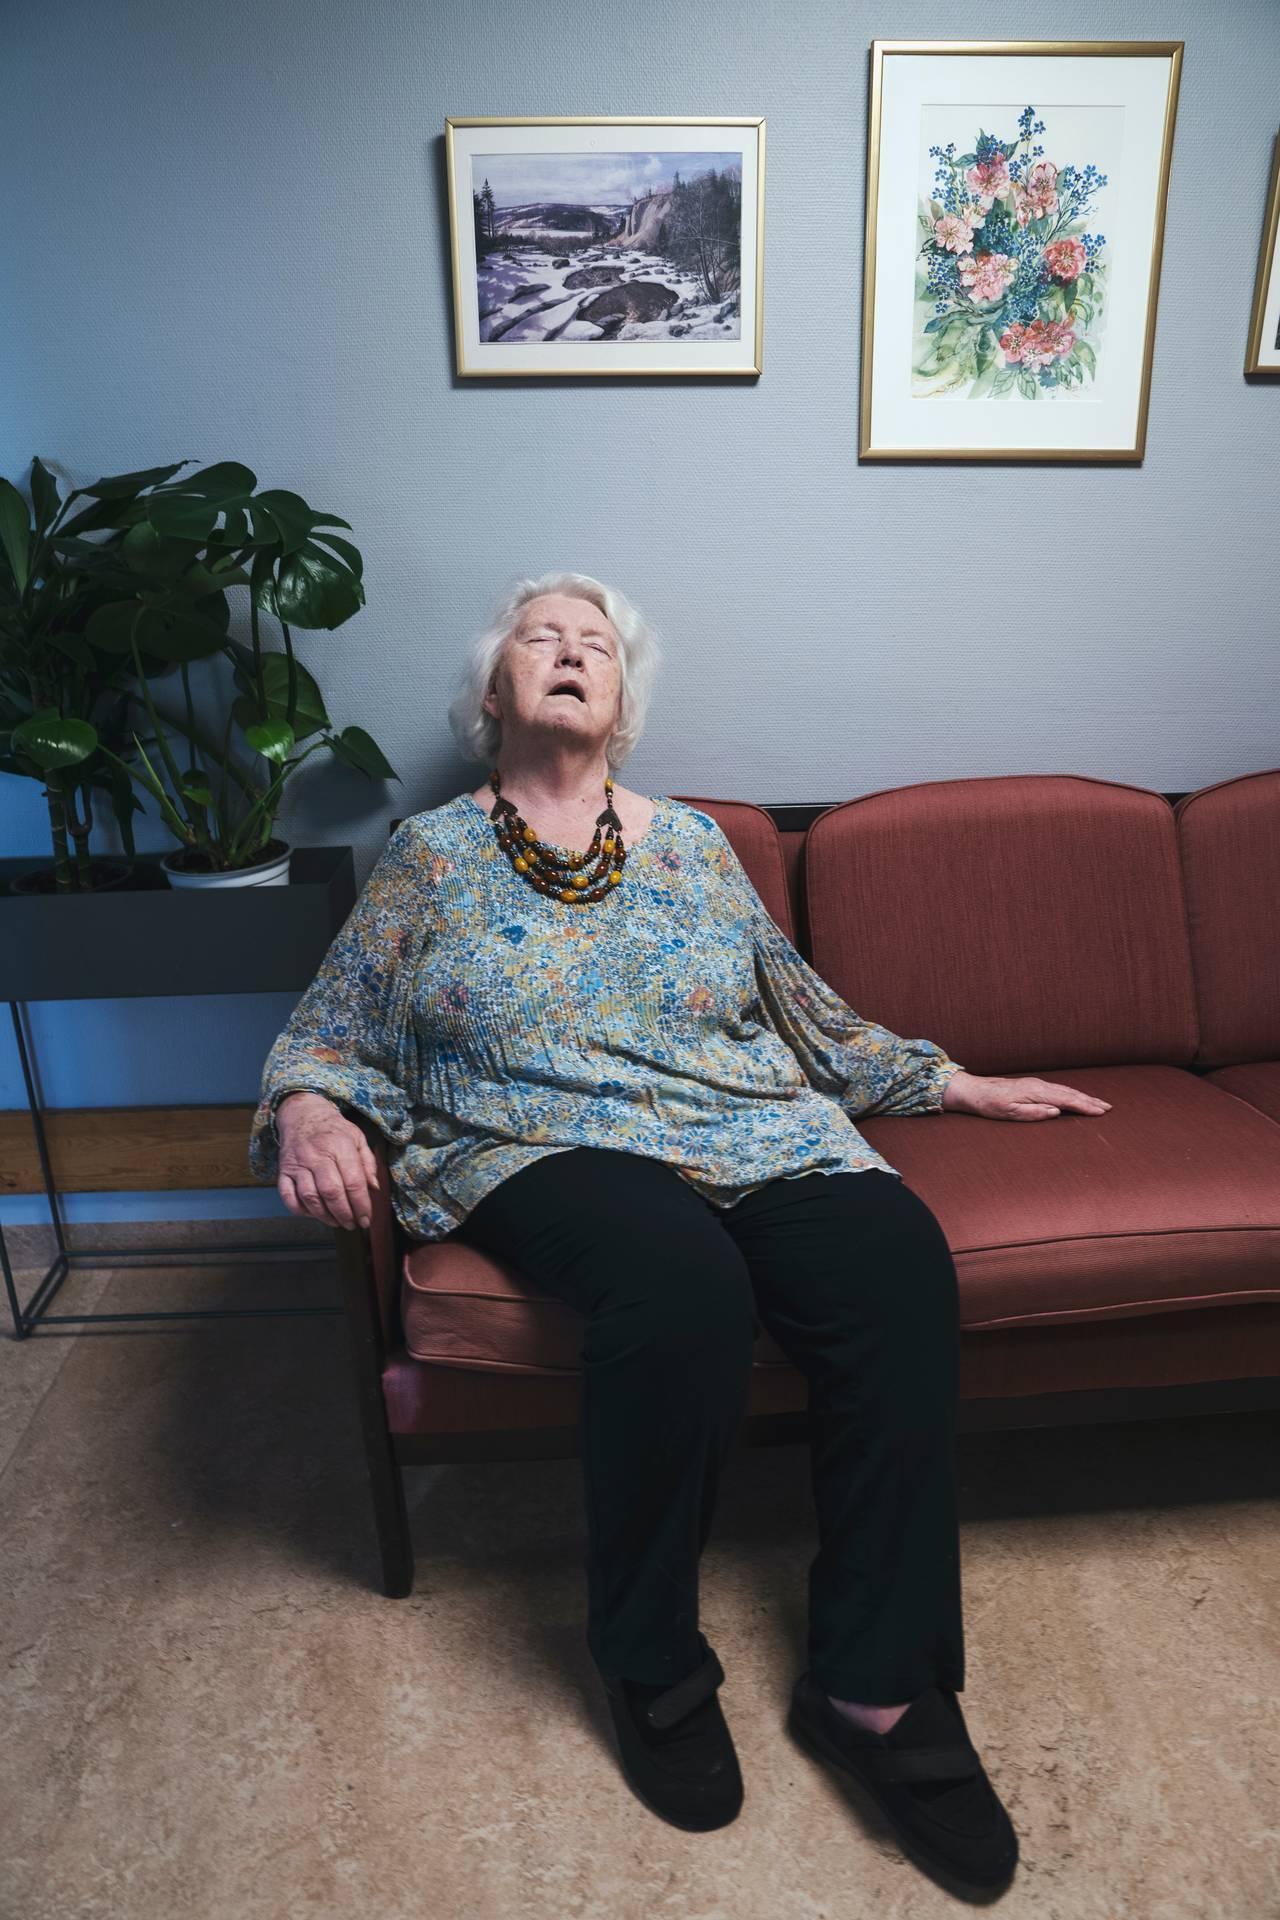 Anne Marie sitter i en eldre sofa i gangen og lukker øynene med åpen munn.